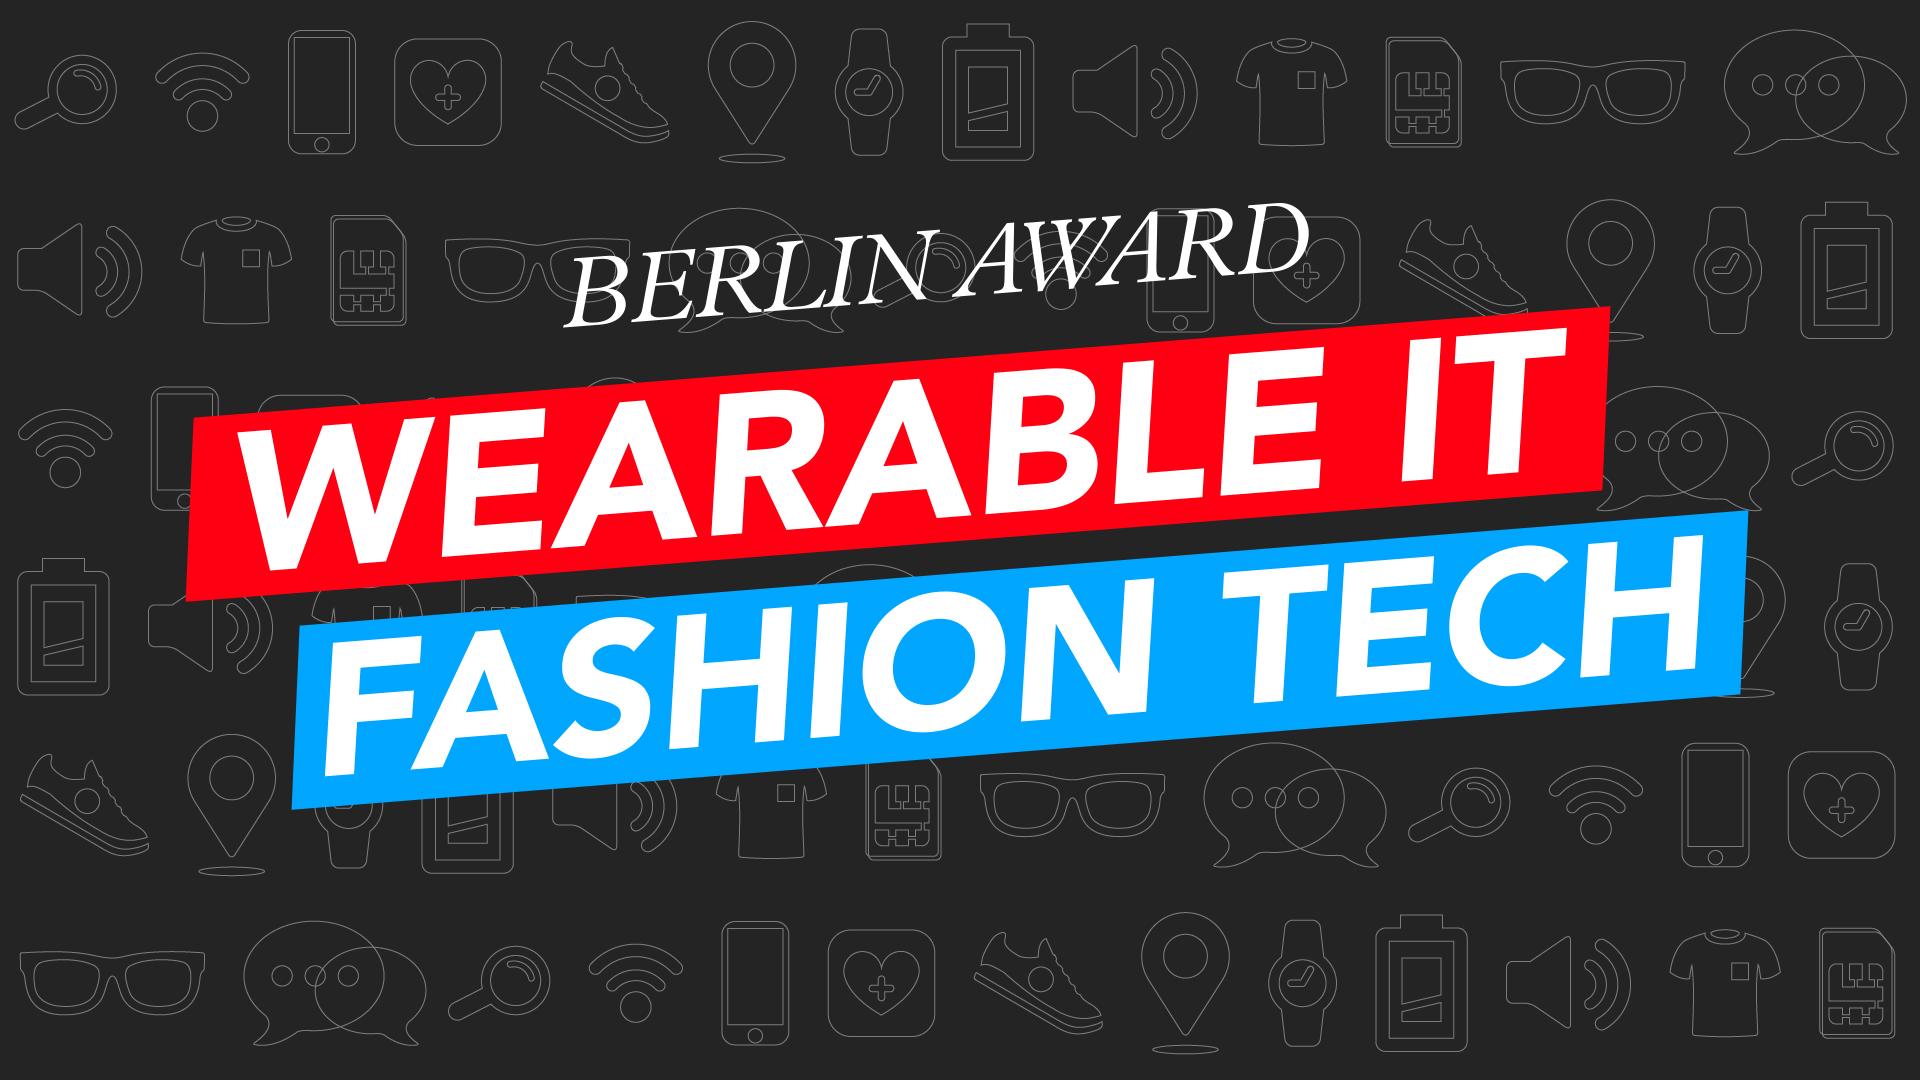 Wearable IT, Fashion Tech, Berlin